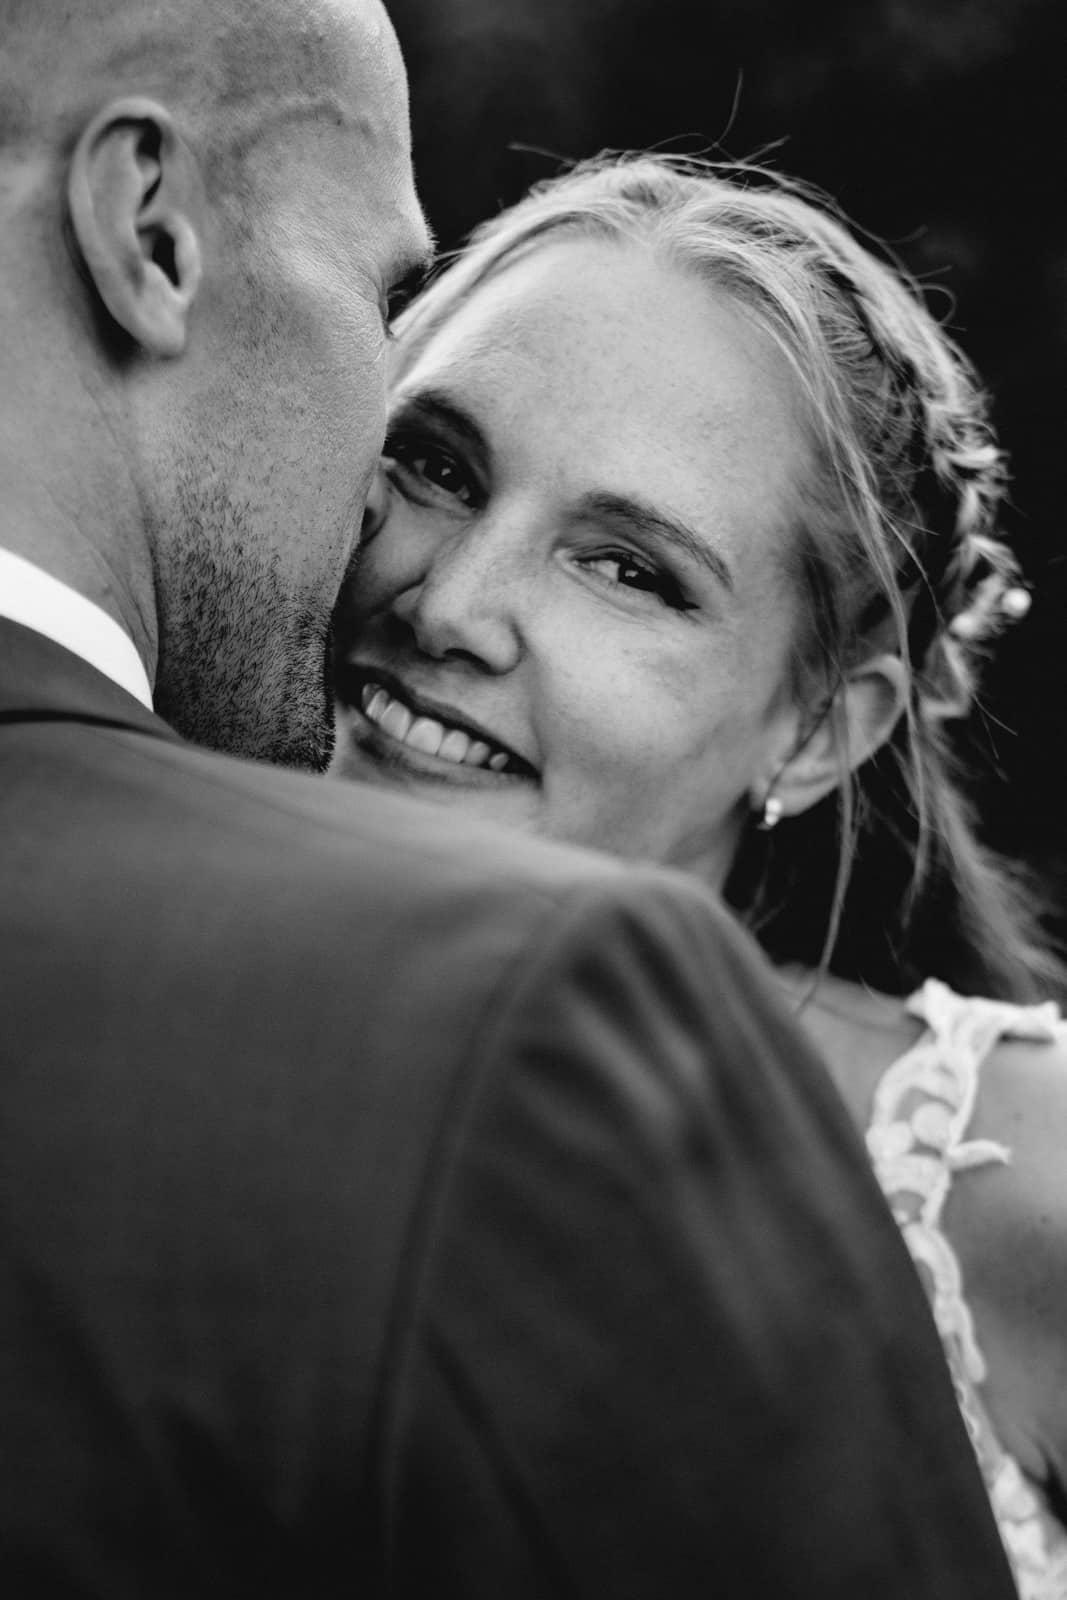 Braut schaut in die Kamera während sie sich an das Gesicht ihres Mannes anschmiegt.